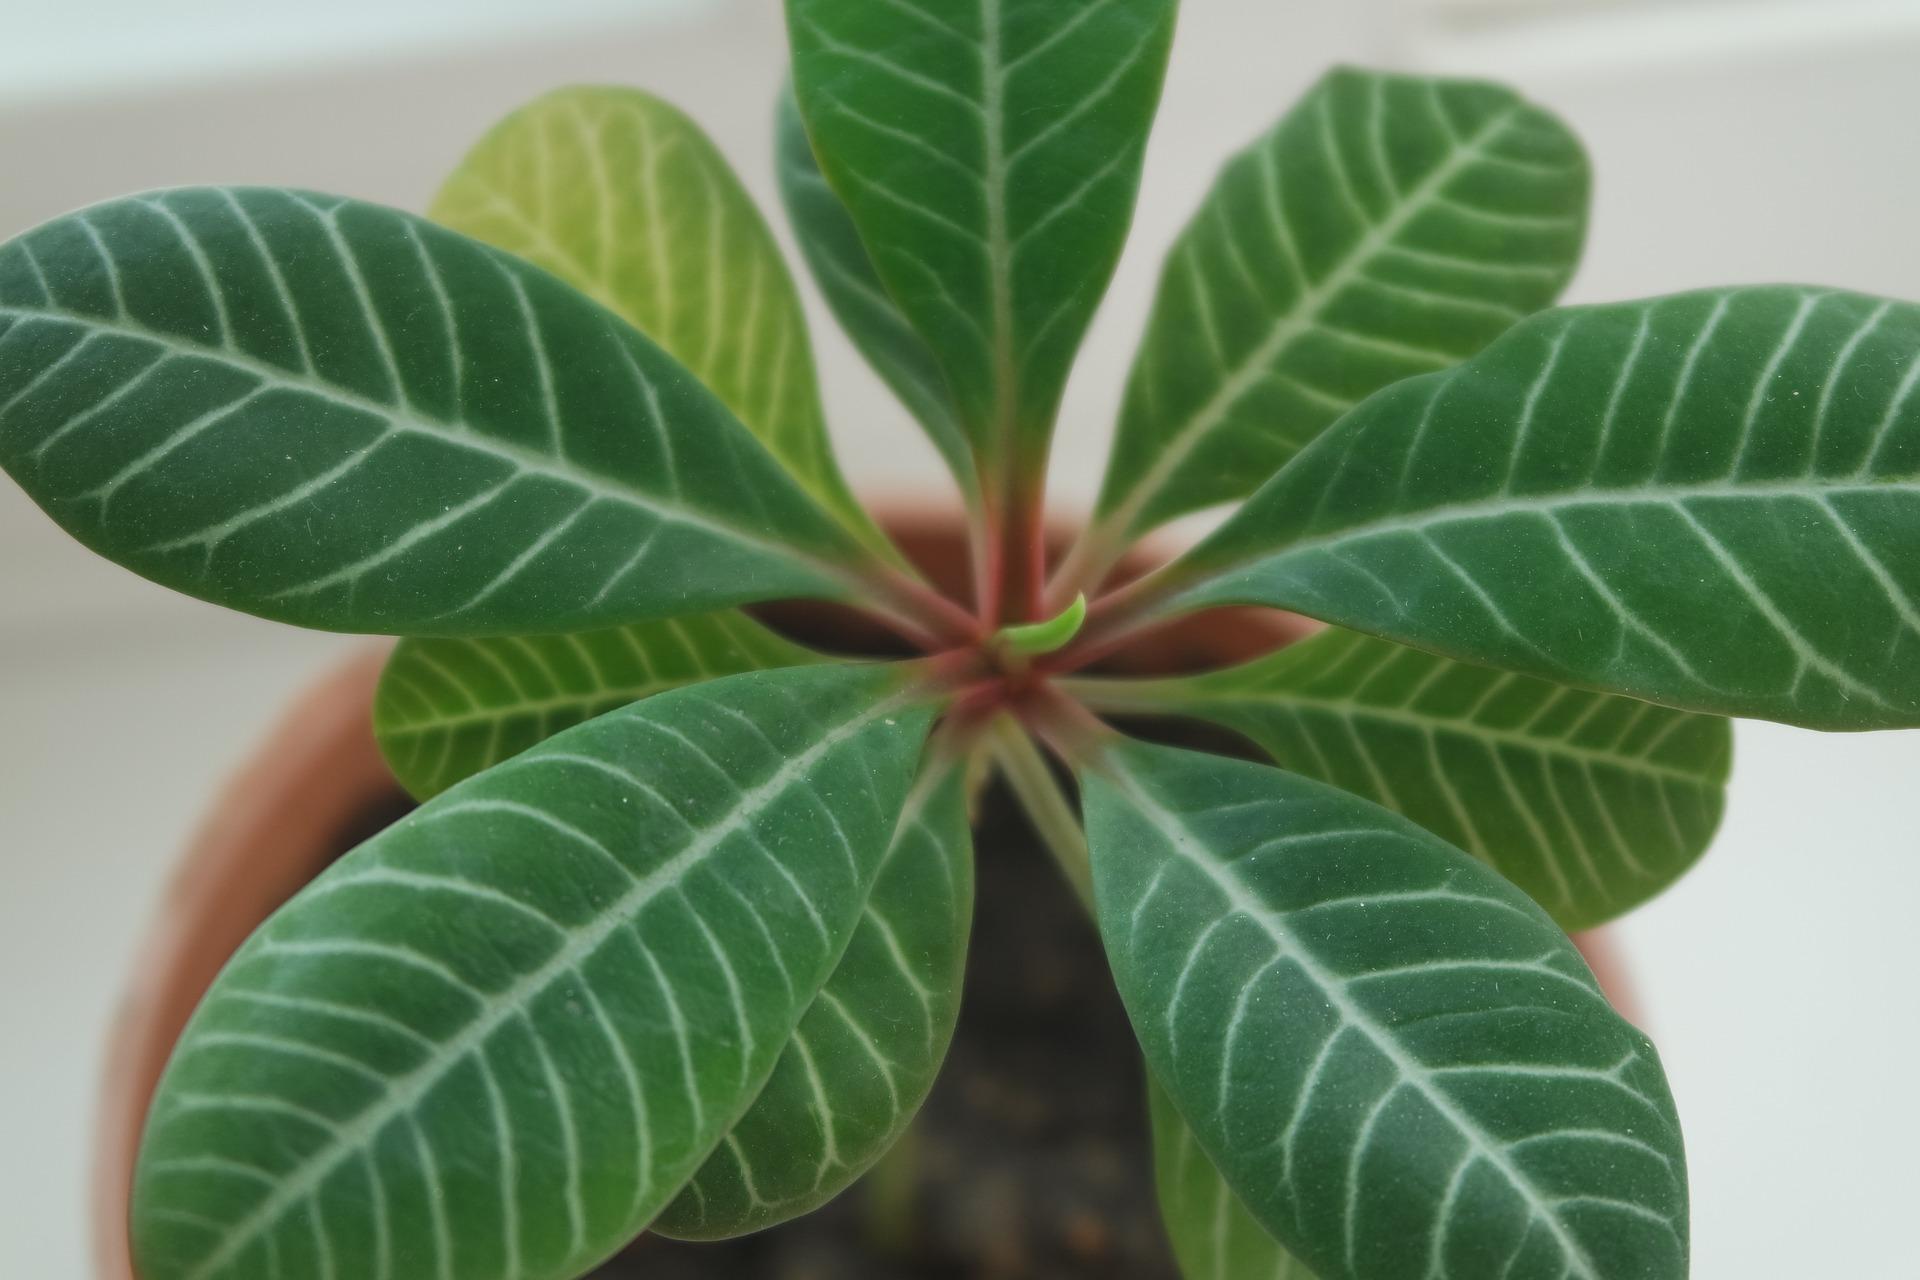 狭い場所でも育てられる!成長遅めの観葉植物5選をご紹介